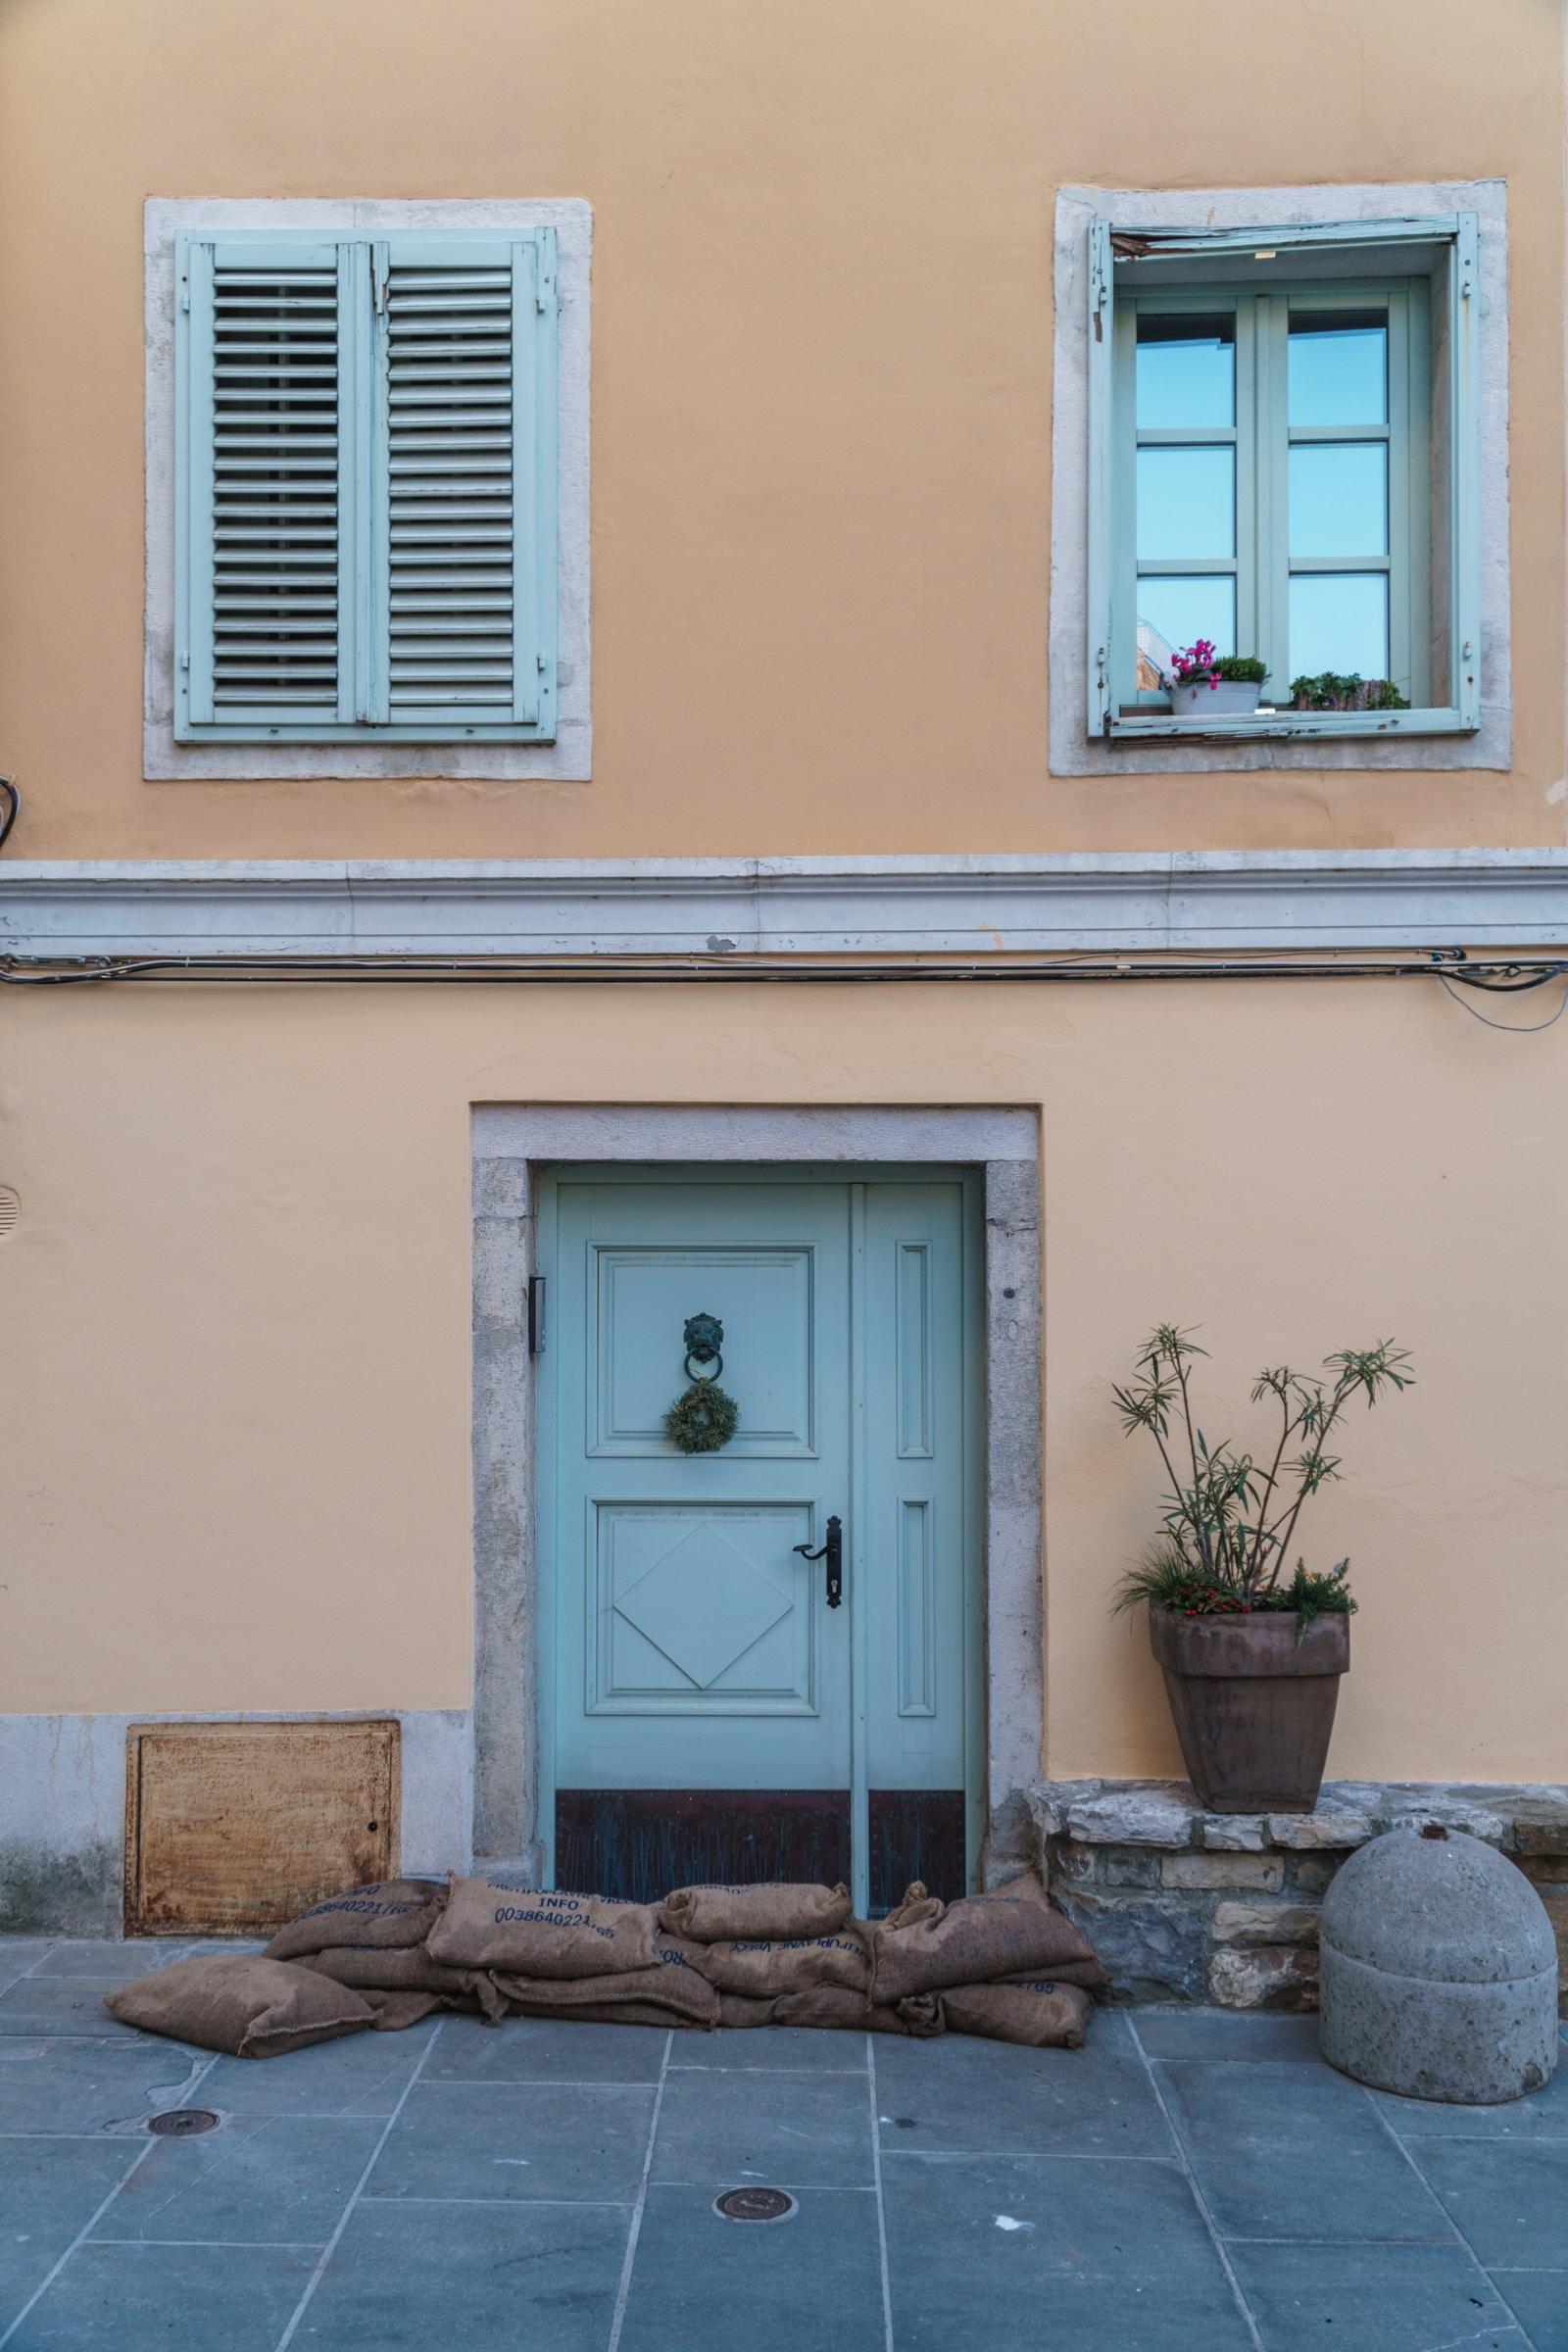 closed door and window